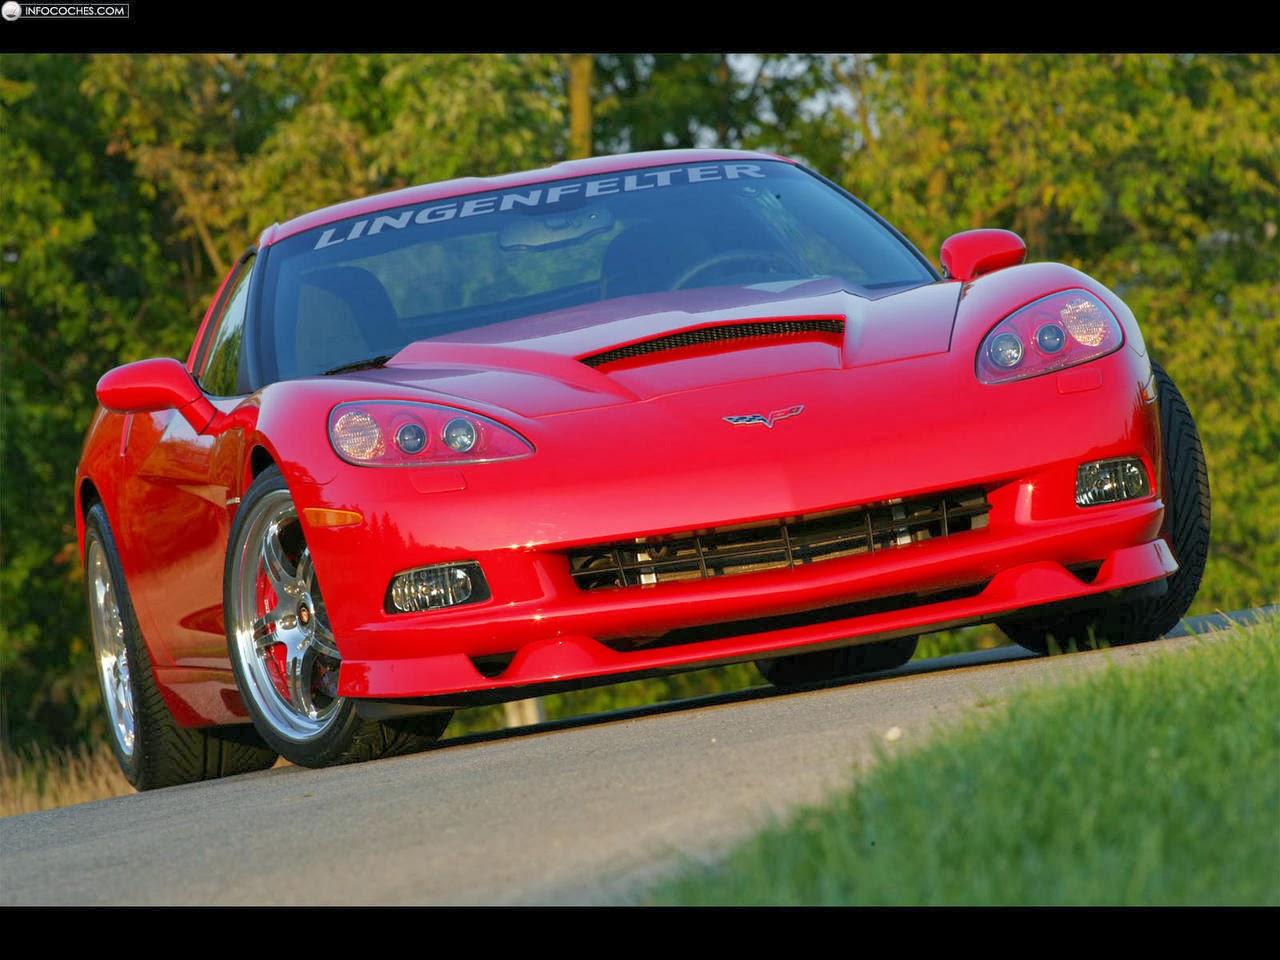 Lingerfelter Chevrolet Corvette